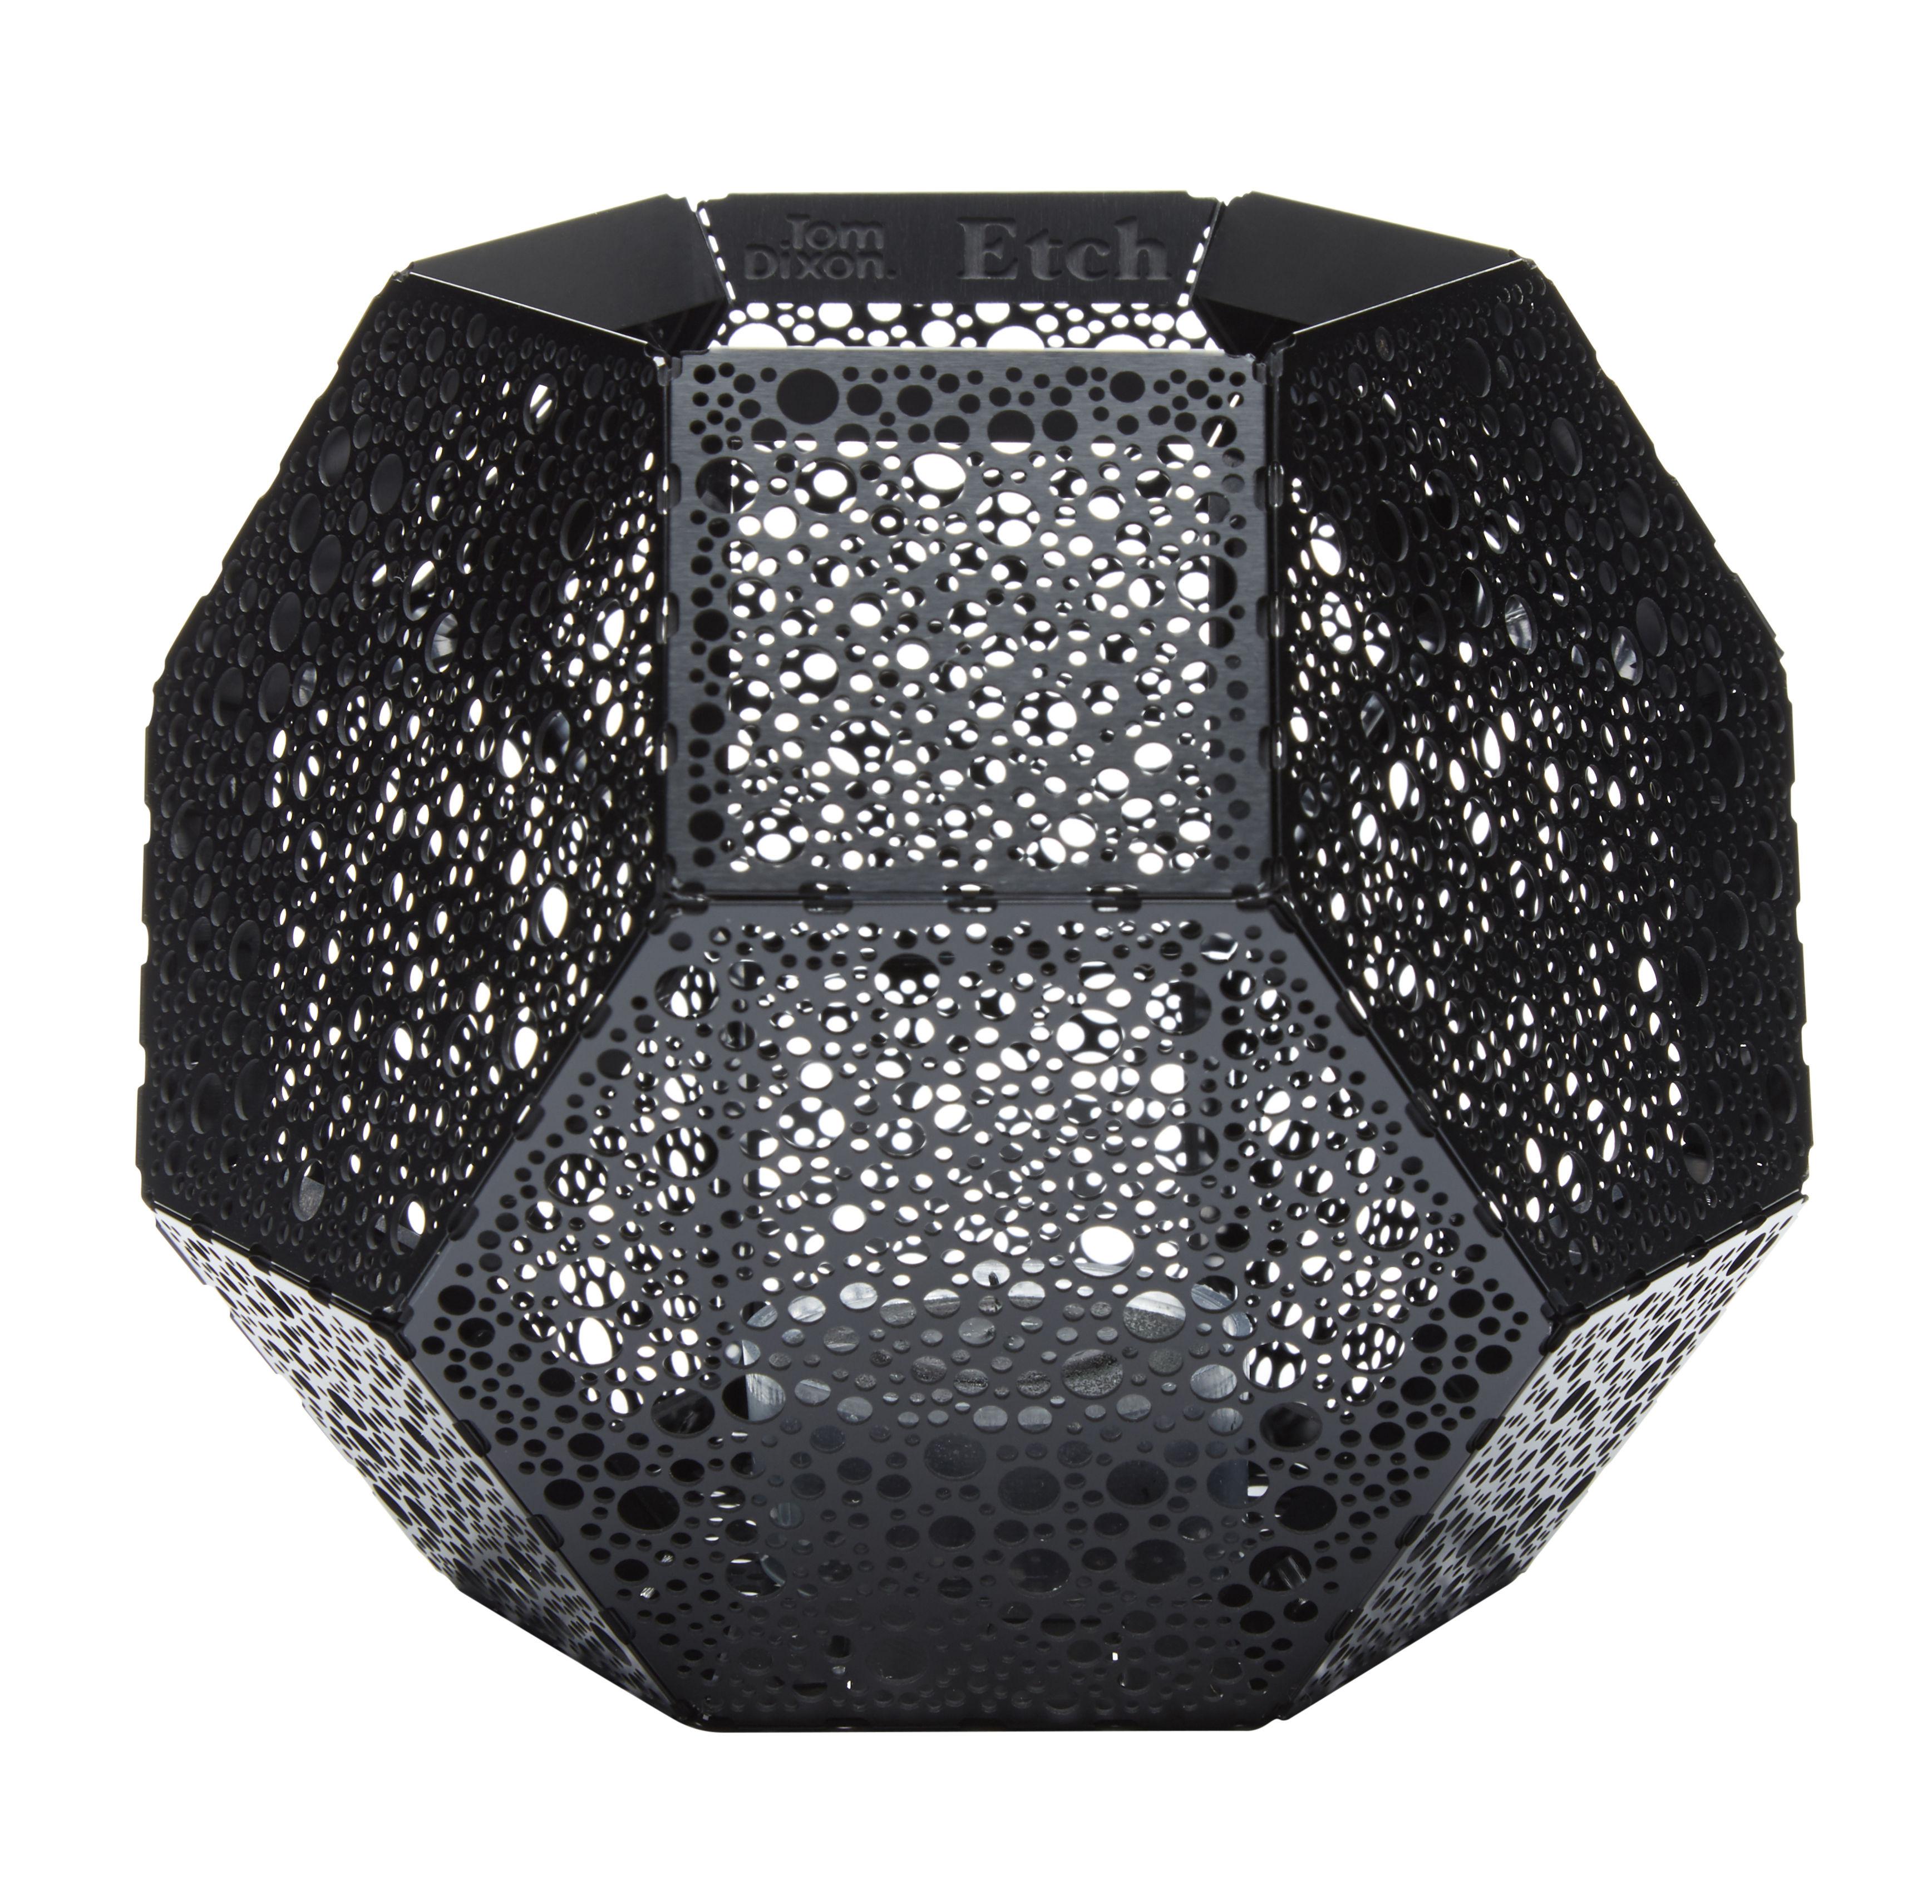 Déco - Bougeoirs, photophores - Photophore Etch - Tom Dixon - Noir - Aluminium anodisé